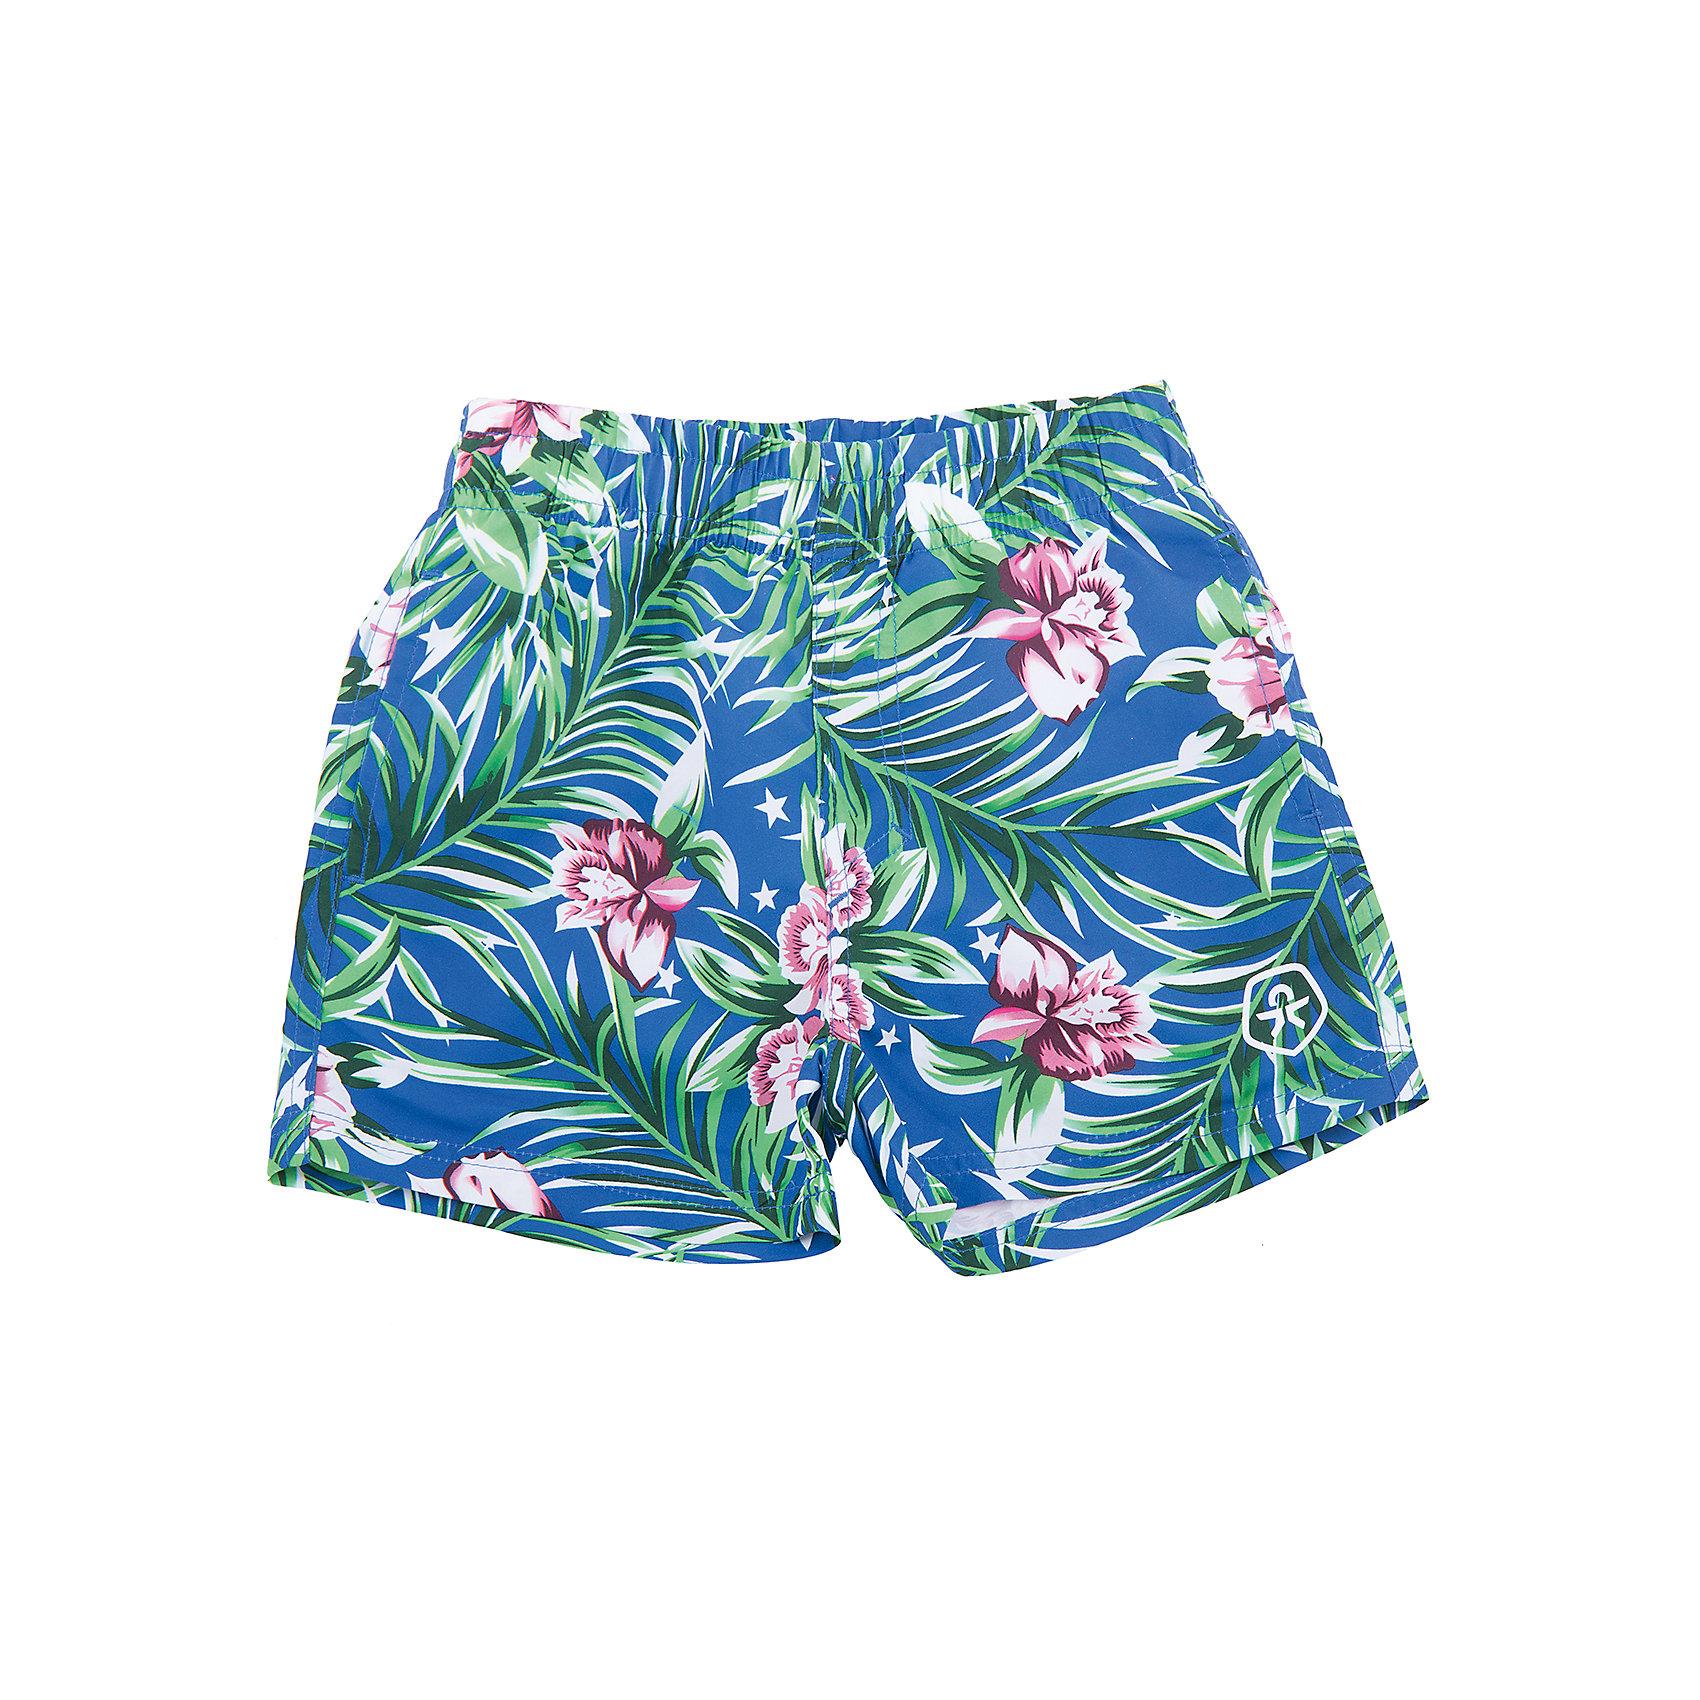 Шорты  Color KidsШорты, бриджи, капри<br>Характеристики товара:<br><br>• цвет: разноцветный<br>• состав: 100 % полиэстер<br>• пояс: резинка<br>• быстросохнущий материал<br>• страна производства: Китай<br>• страна бренда: Дания<br><br>Одежда для пляжного отдыха может быть и стильной, и удобной! Эти шорты сделаны из легкого материала, который быстро сохнет, поэтому в них можно купаться. <br><br>Отличный вариант качественной одежды от проверенного производителя!<br><br>Шорты от датского бренда Color Kids (Колор кидз) можно купить в нашем интернет-магазине.<br><br>Ширина мм: 183<br>Глубина мм: 60<br>Высота мм: 135<br>Вес г: 119<br>Цвет: белый<br>Возраст от месяцев: 108<br>Возраст до месяцев: 120<br>Пол: Унисекс<br>Возраст: Детский<br>Размер: 140,152,104,116,128<br>SKU: 5442902